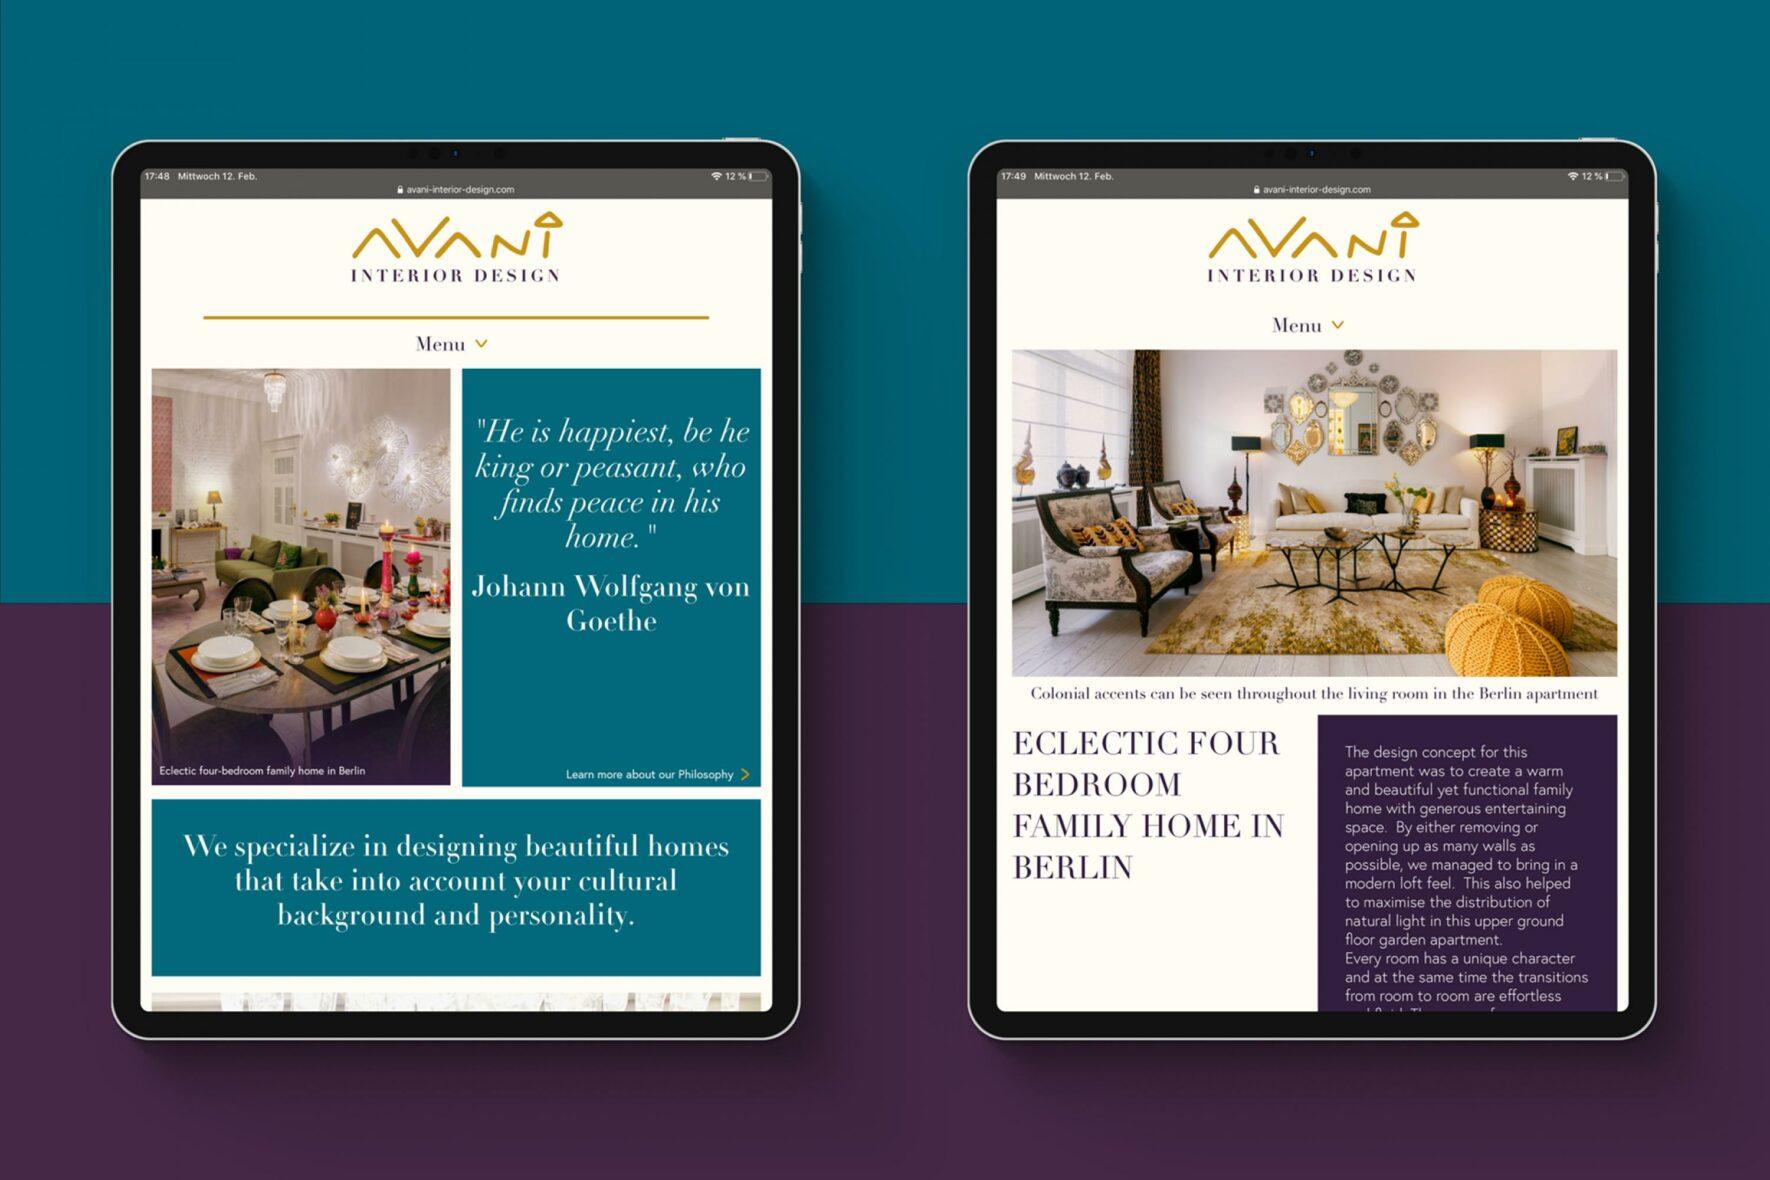 Vorschau-Bild: Webdesign und Umsetzung für Avani Interior Design